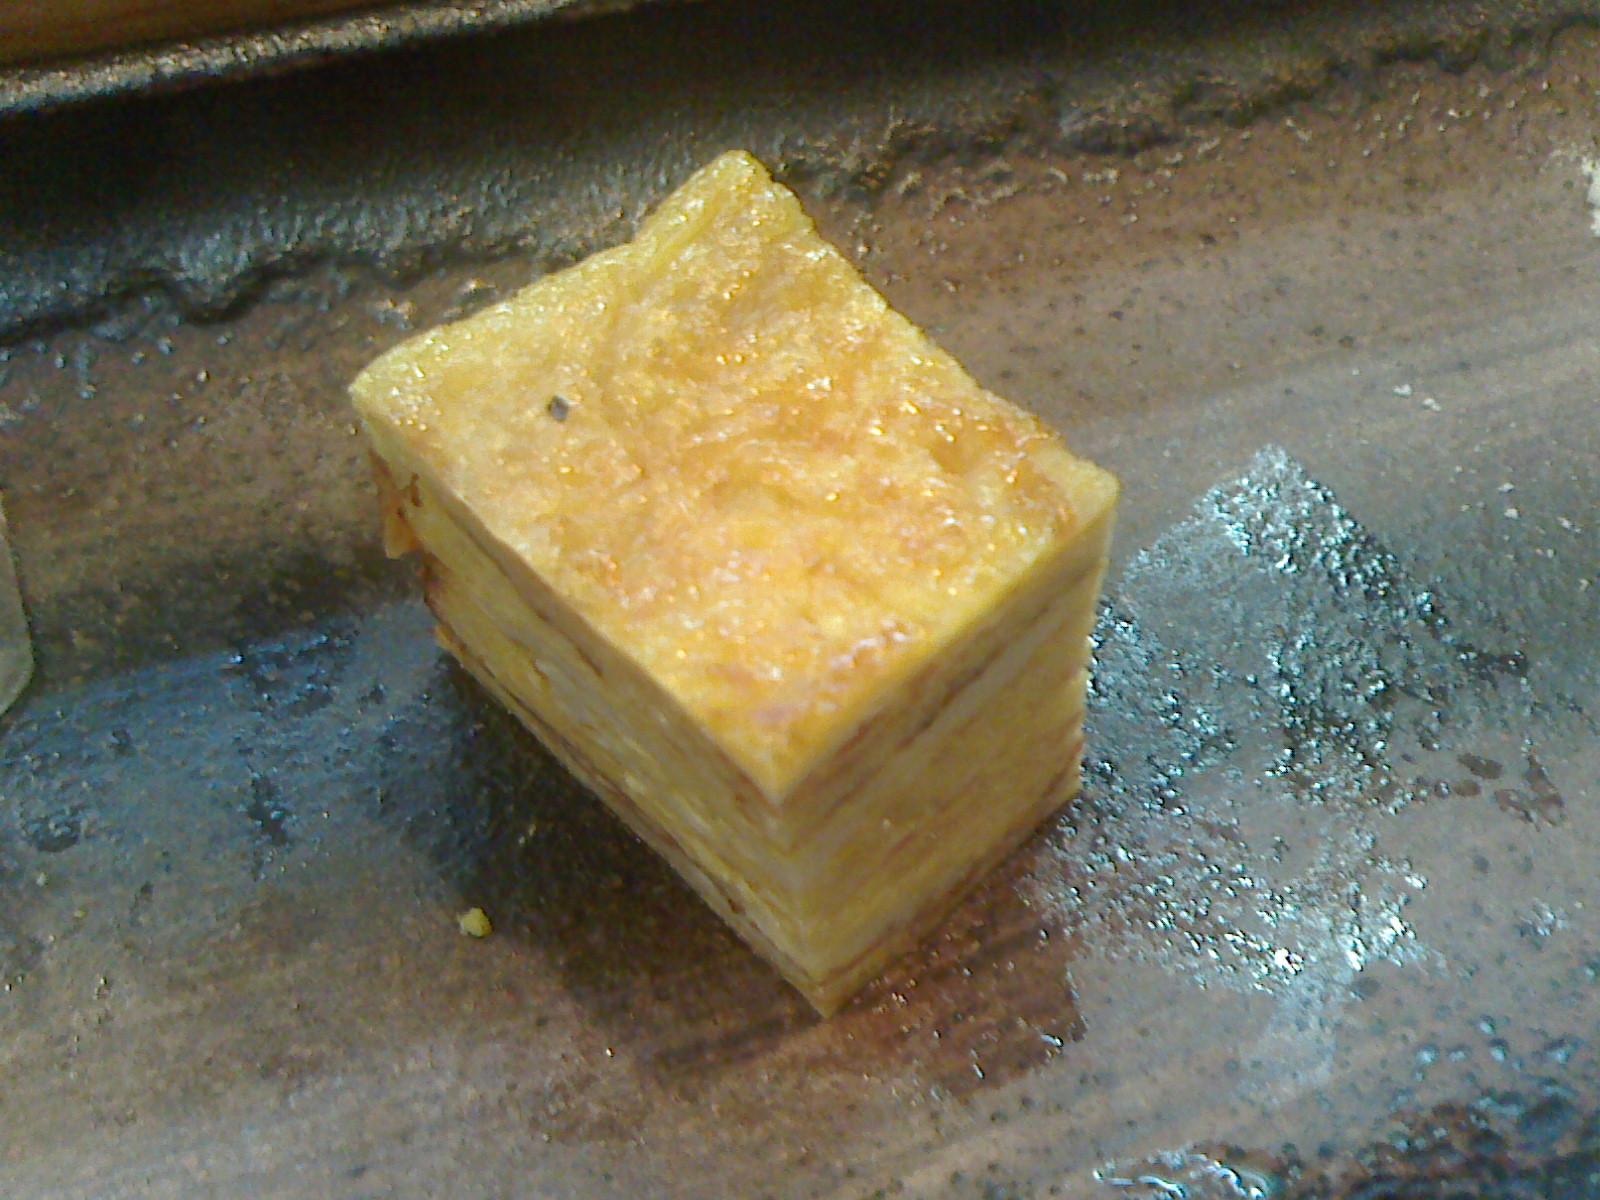 千葉でとても美味しいお寿司をお腹いっぱいいただきました。_c0225997_1121524.jpg